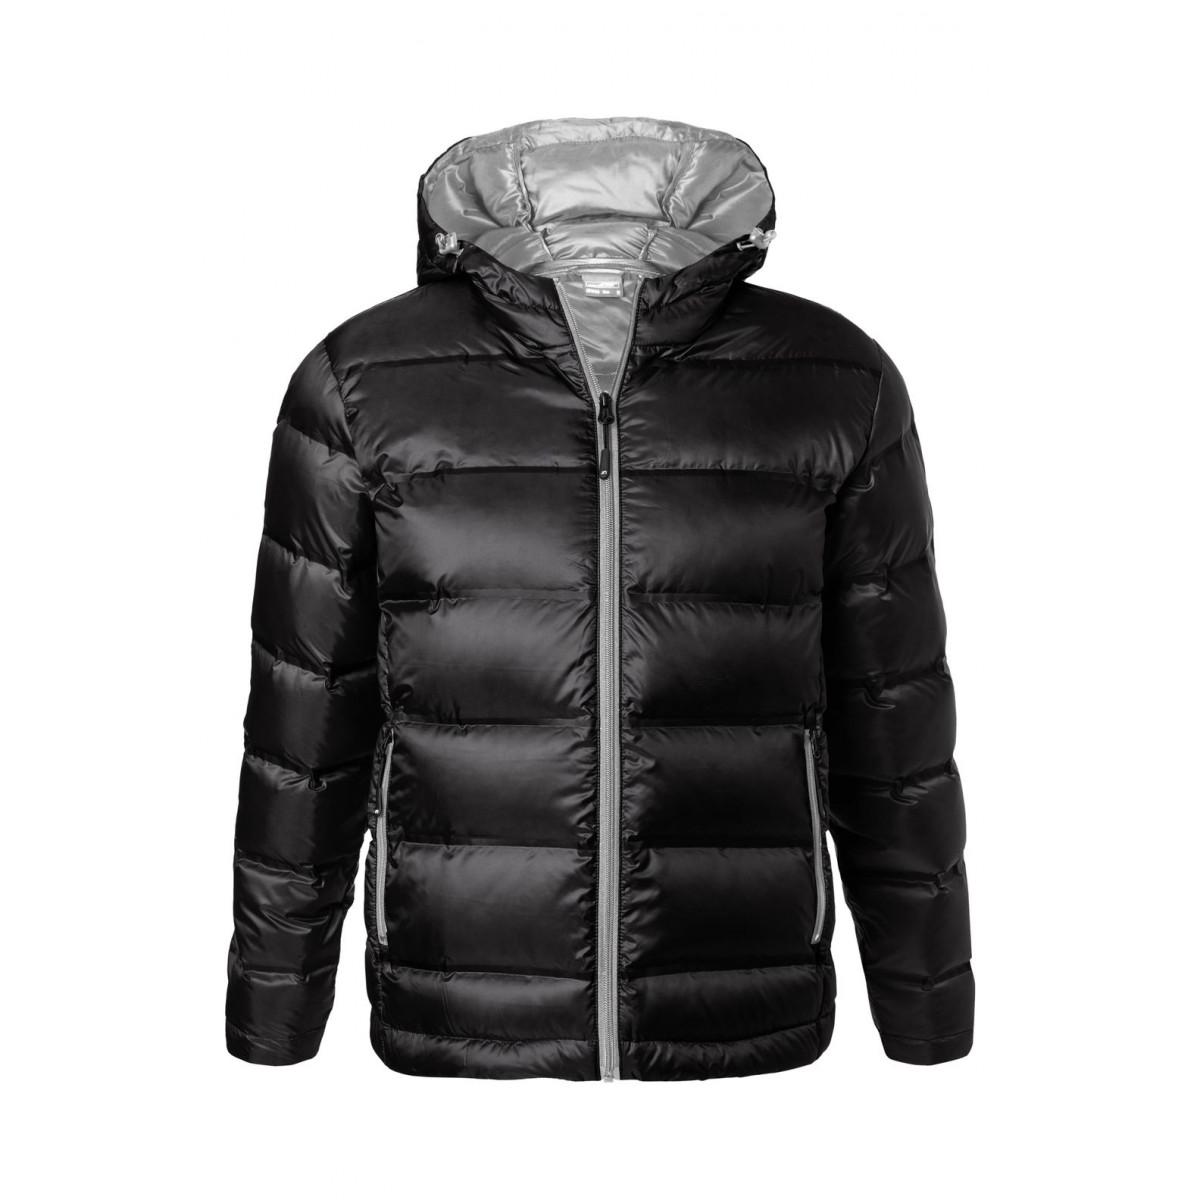 Куртка мужская JN1152 Mens Hooded Down Jacket - Черный/Серебряный